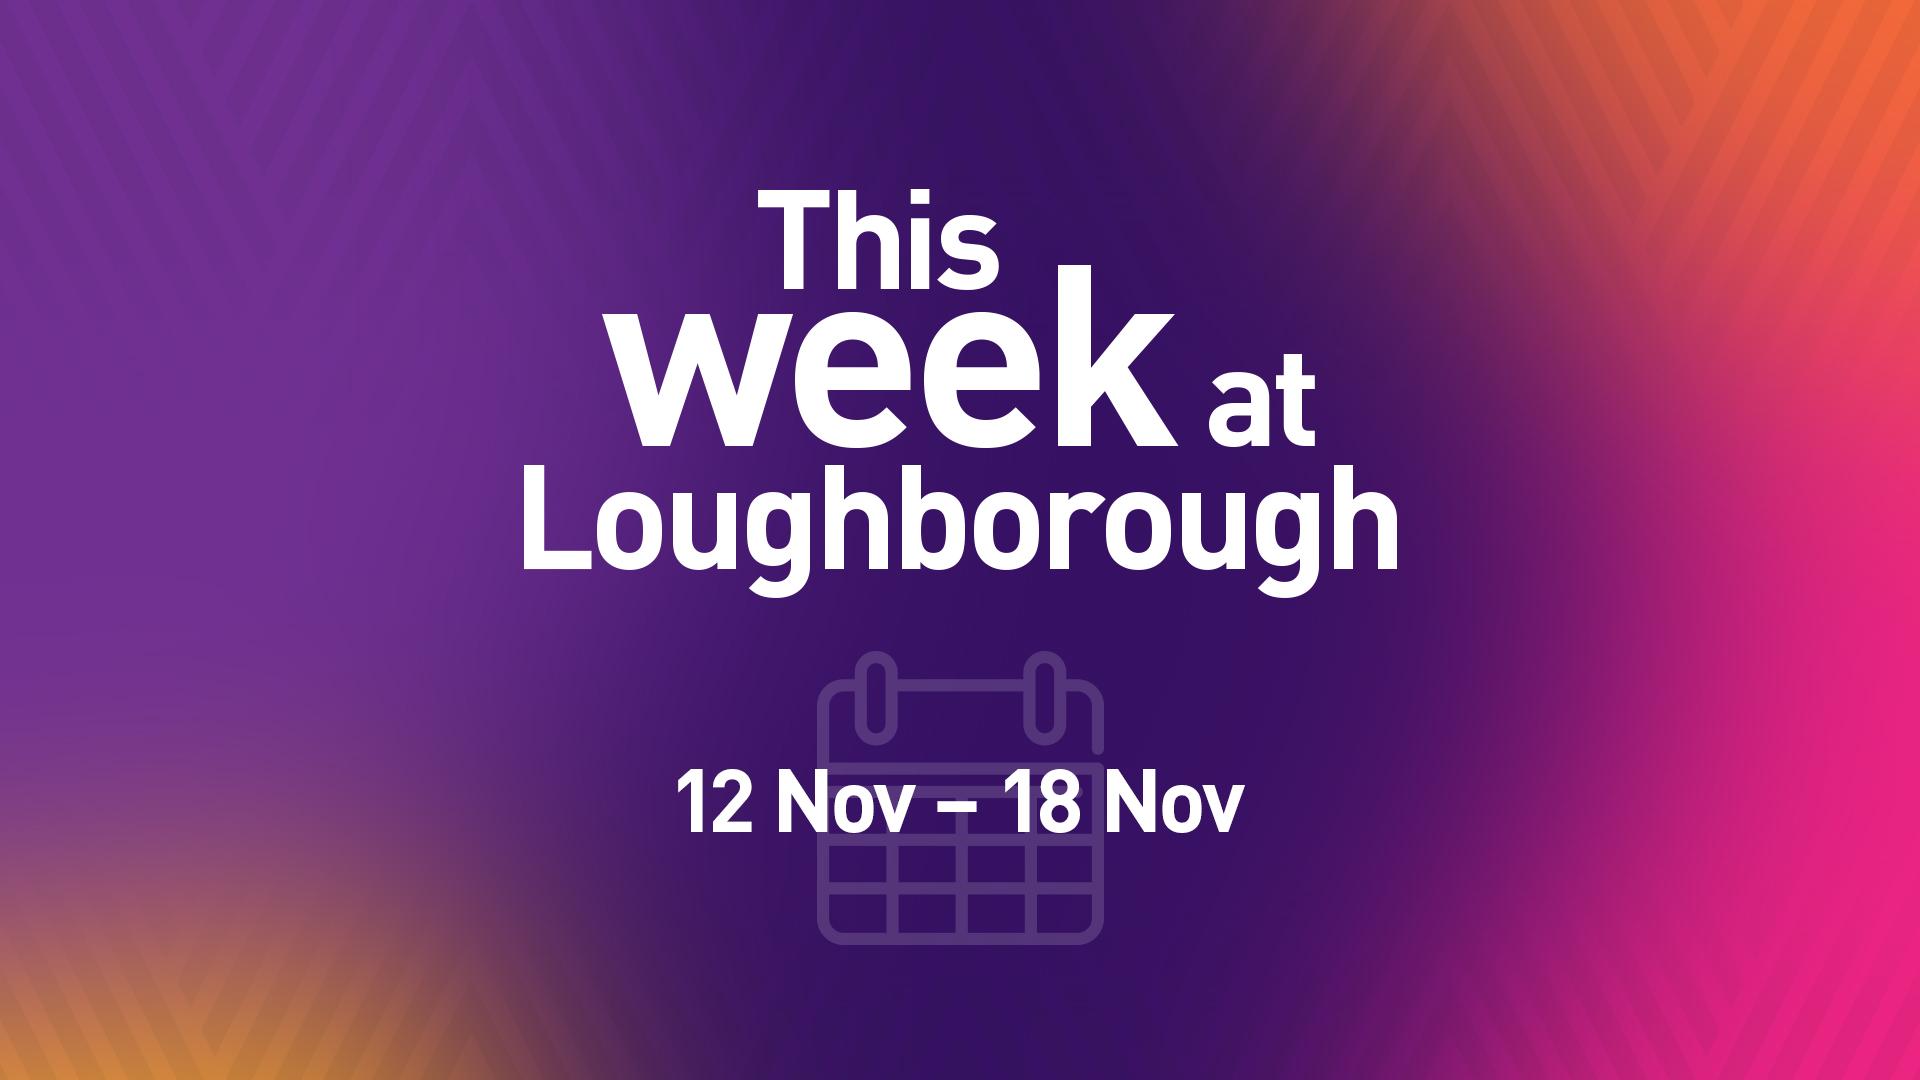 This Week at Loughborough | Monday 12th November 2018